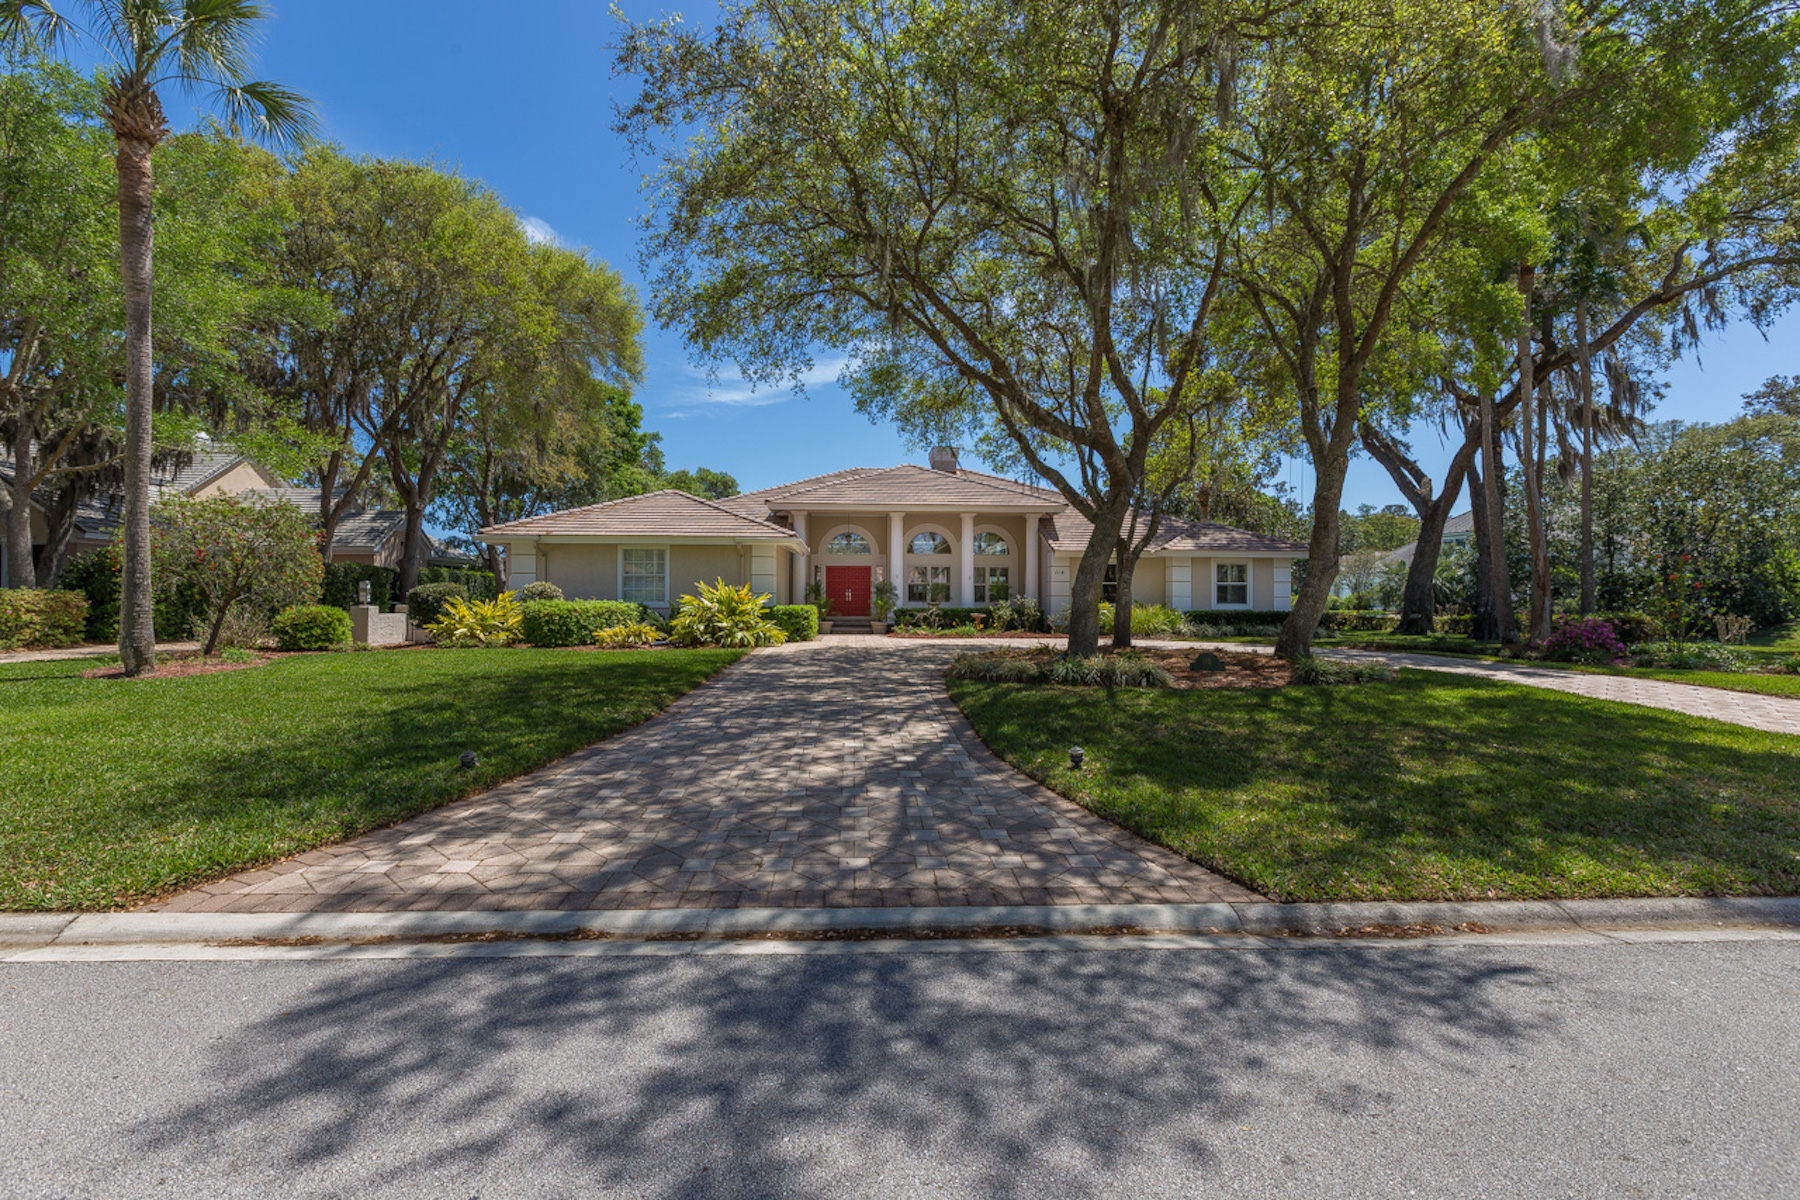 一戸建て のために 売買 アット Plantation Country Club Lakehouse 116 Plantation Circle Ponte Vedra Beach, フロリダ, 32082 アメリカ合衆国